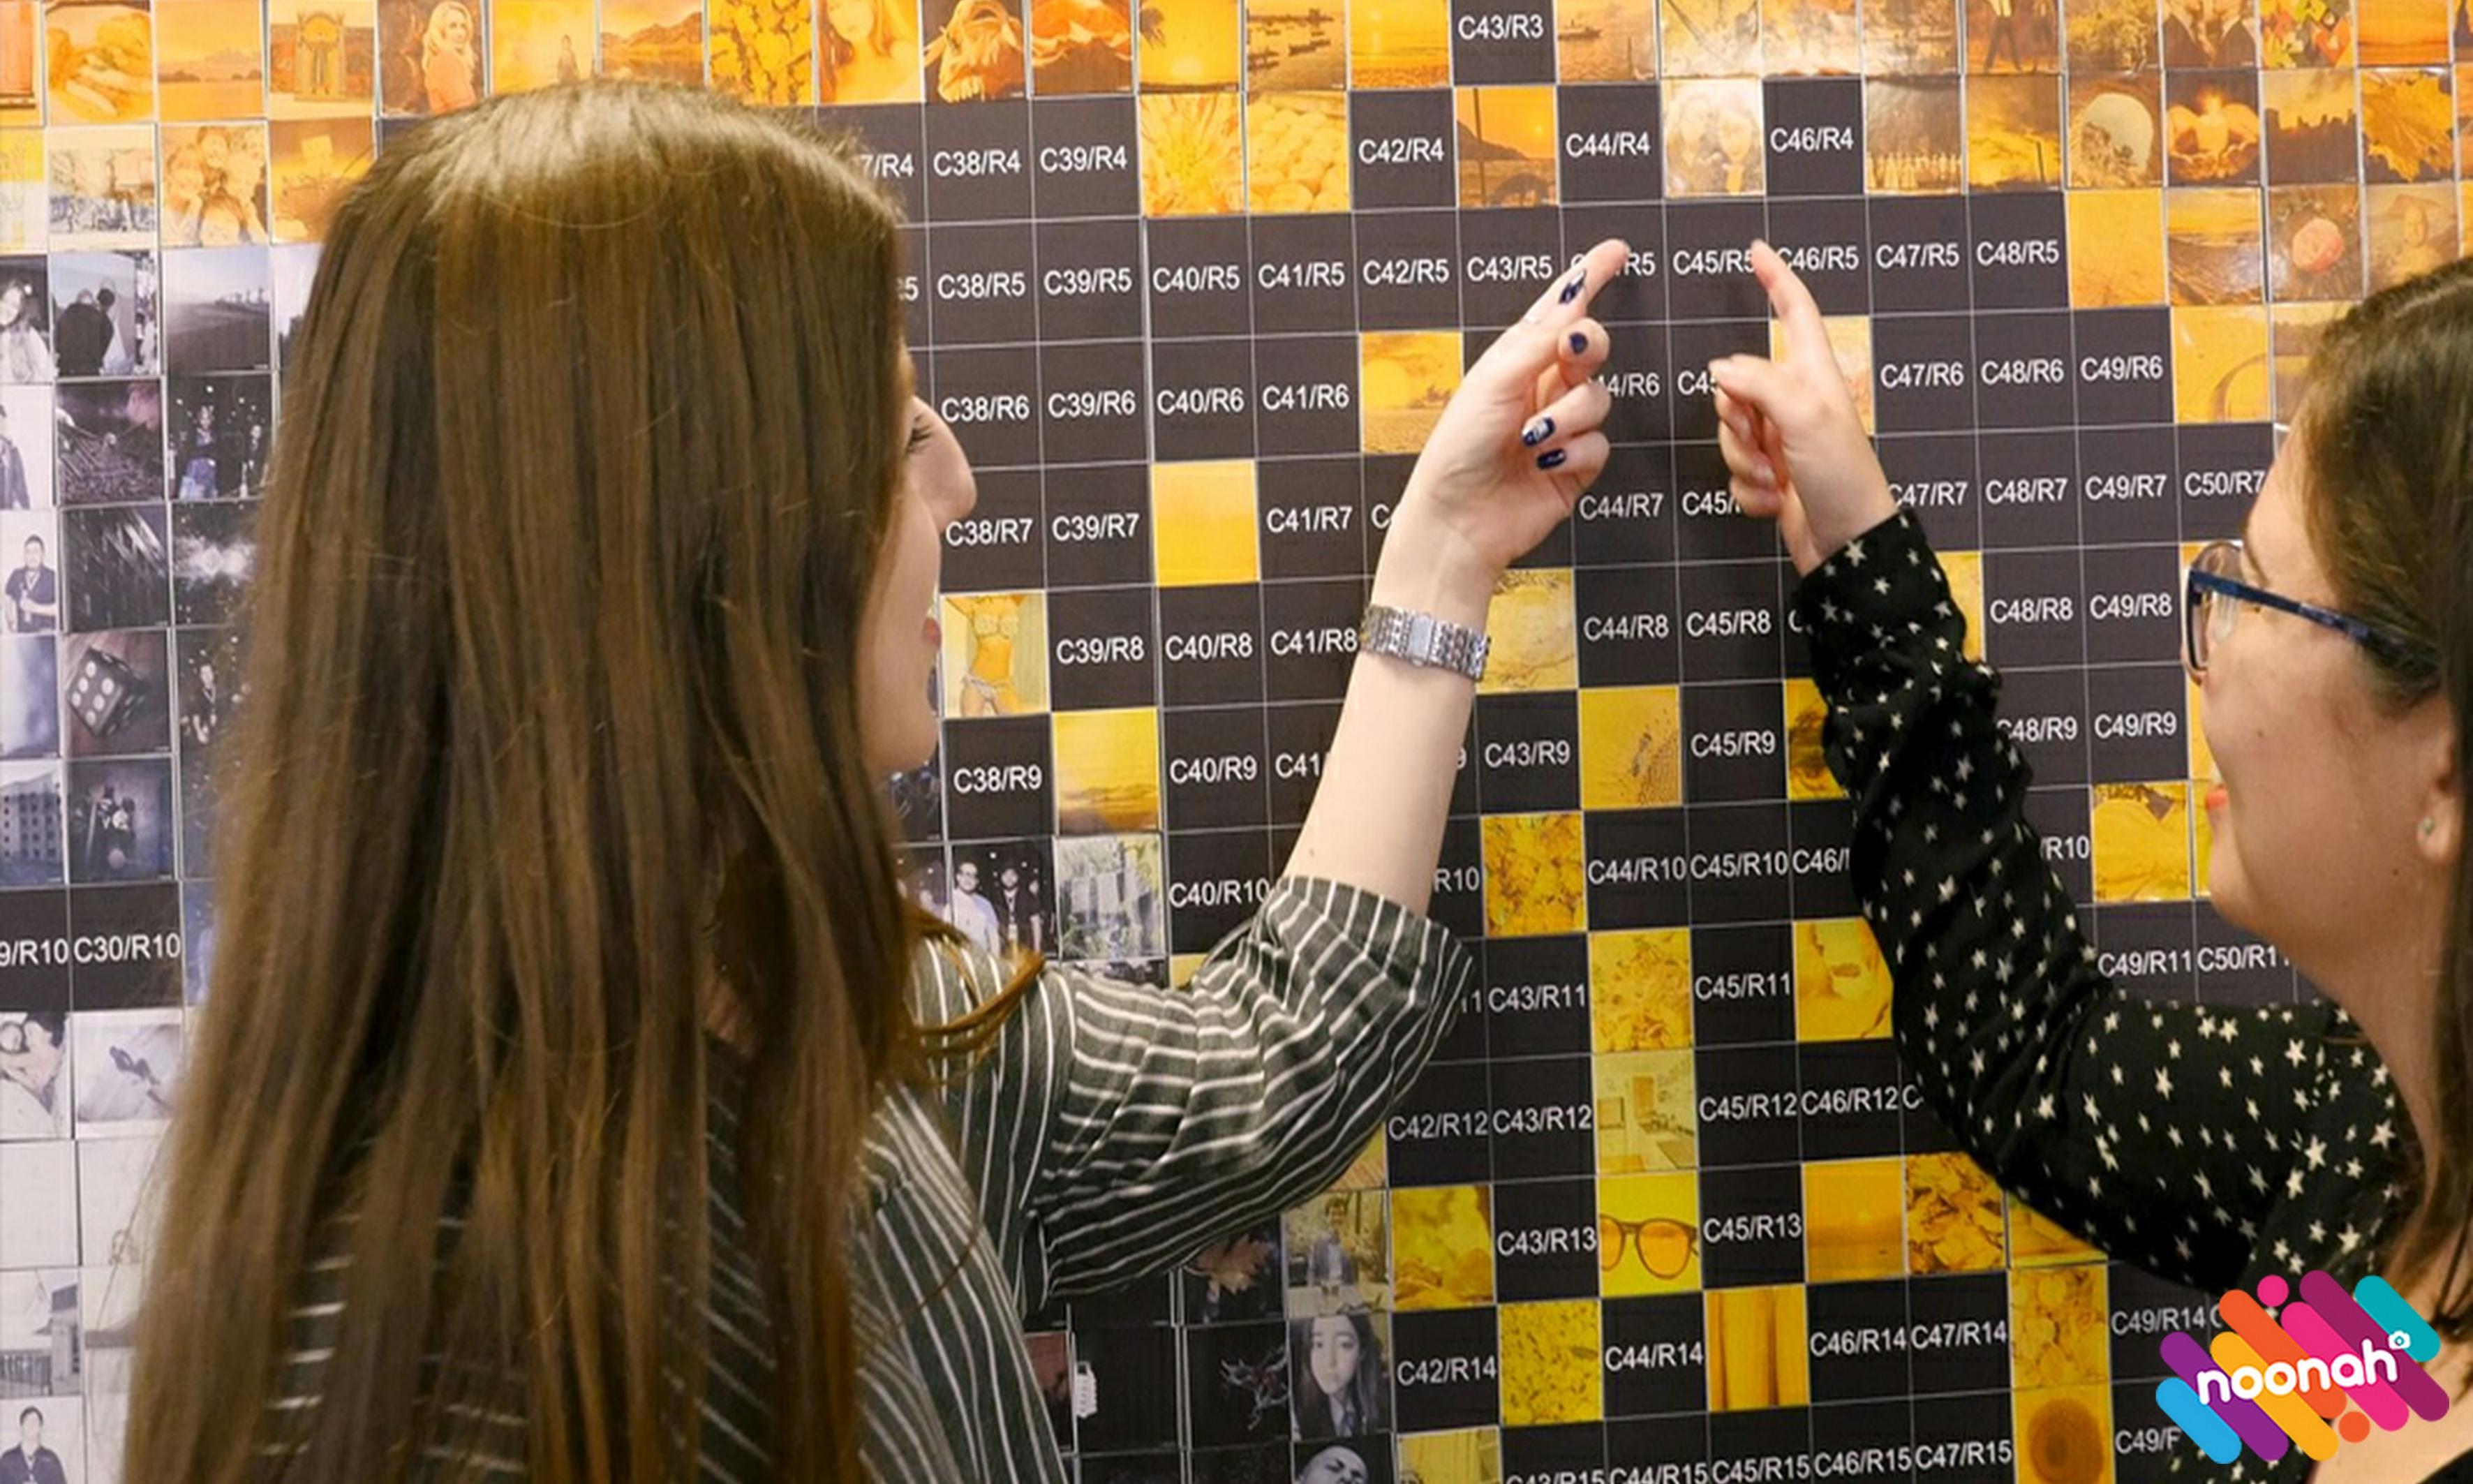 Photo Mosaic Wall Hire Sample